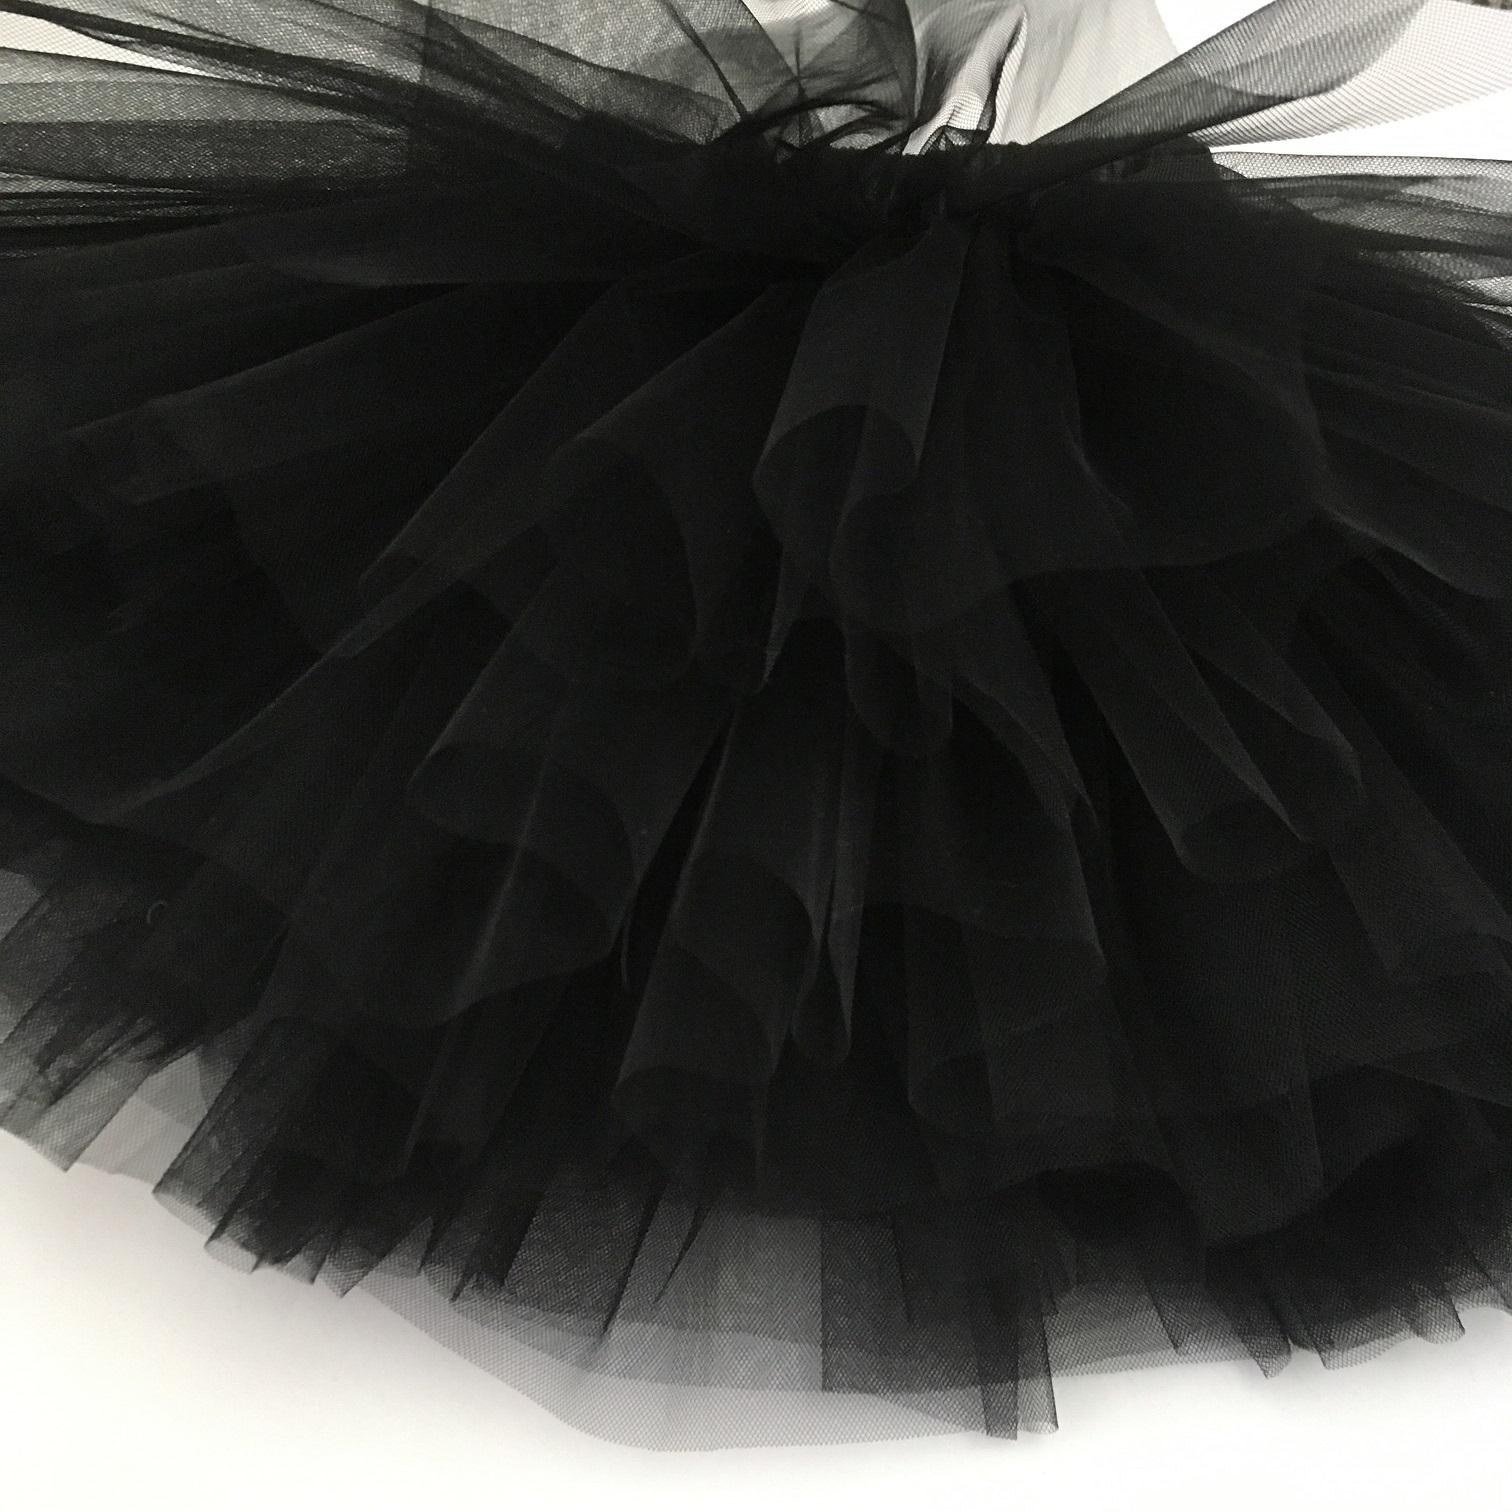 05088b850c9c Tutu suknička čierna II. (1-3 roky) - jupitershop.sk